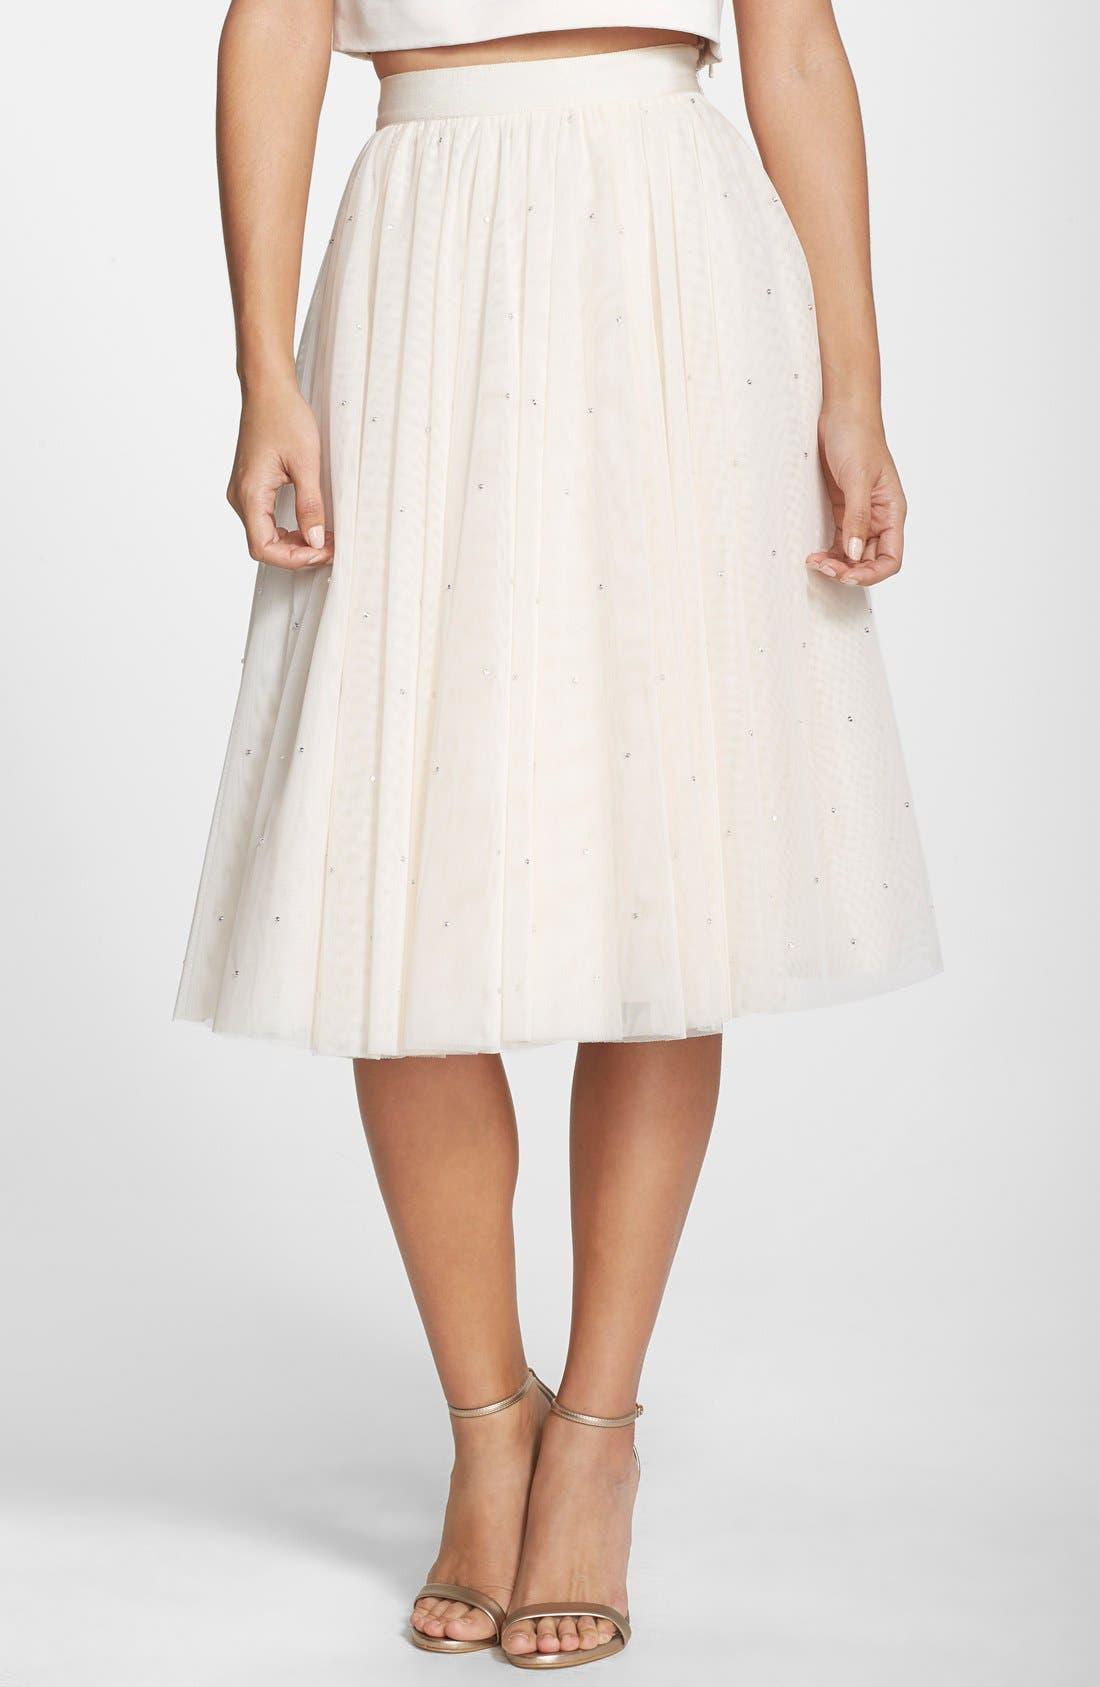 Alternate Image 1 Selected - Ted Baker London 'Odella' Embellished Tulle Skirt